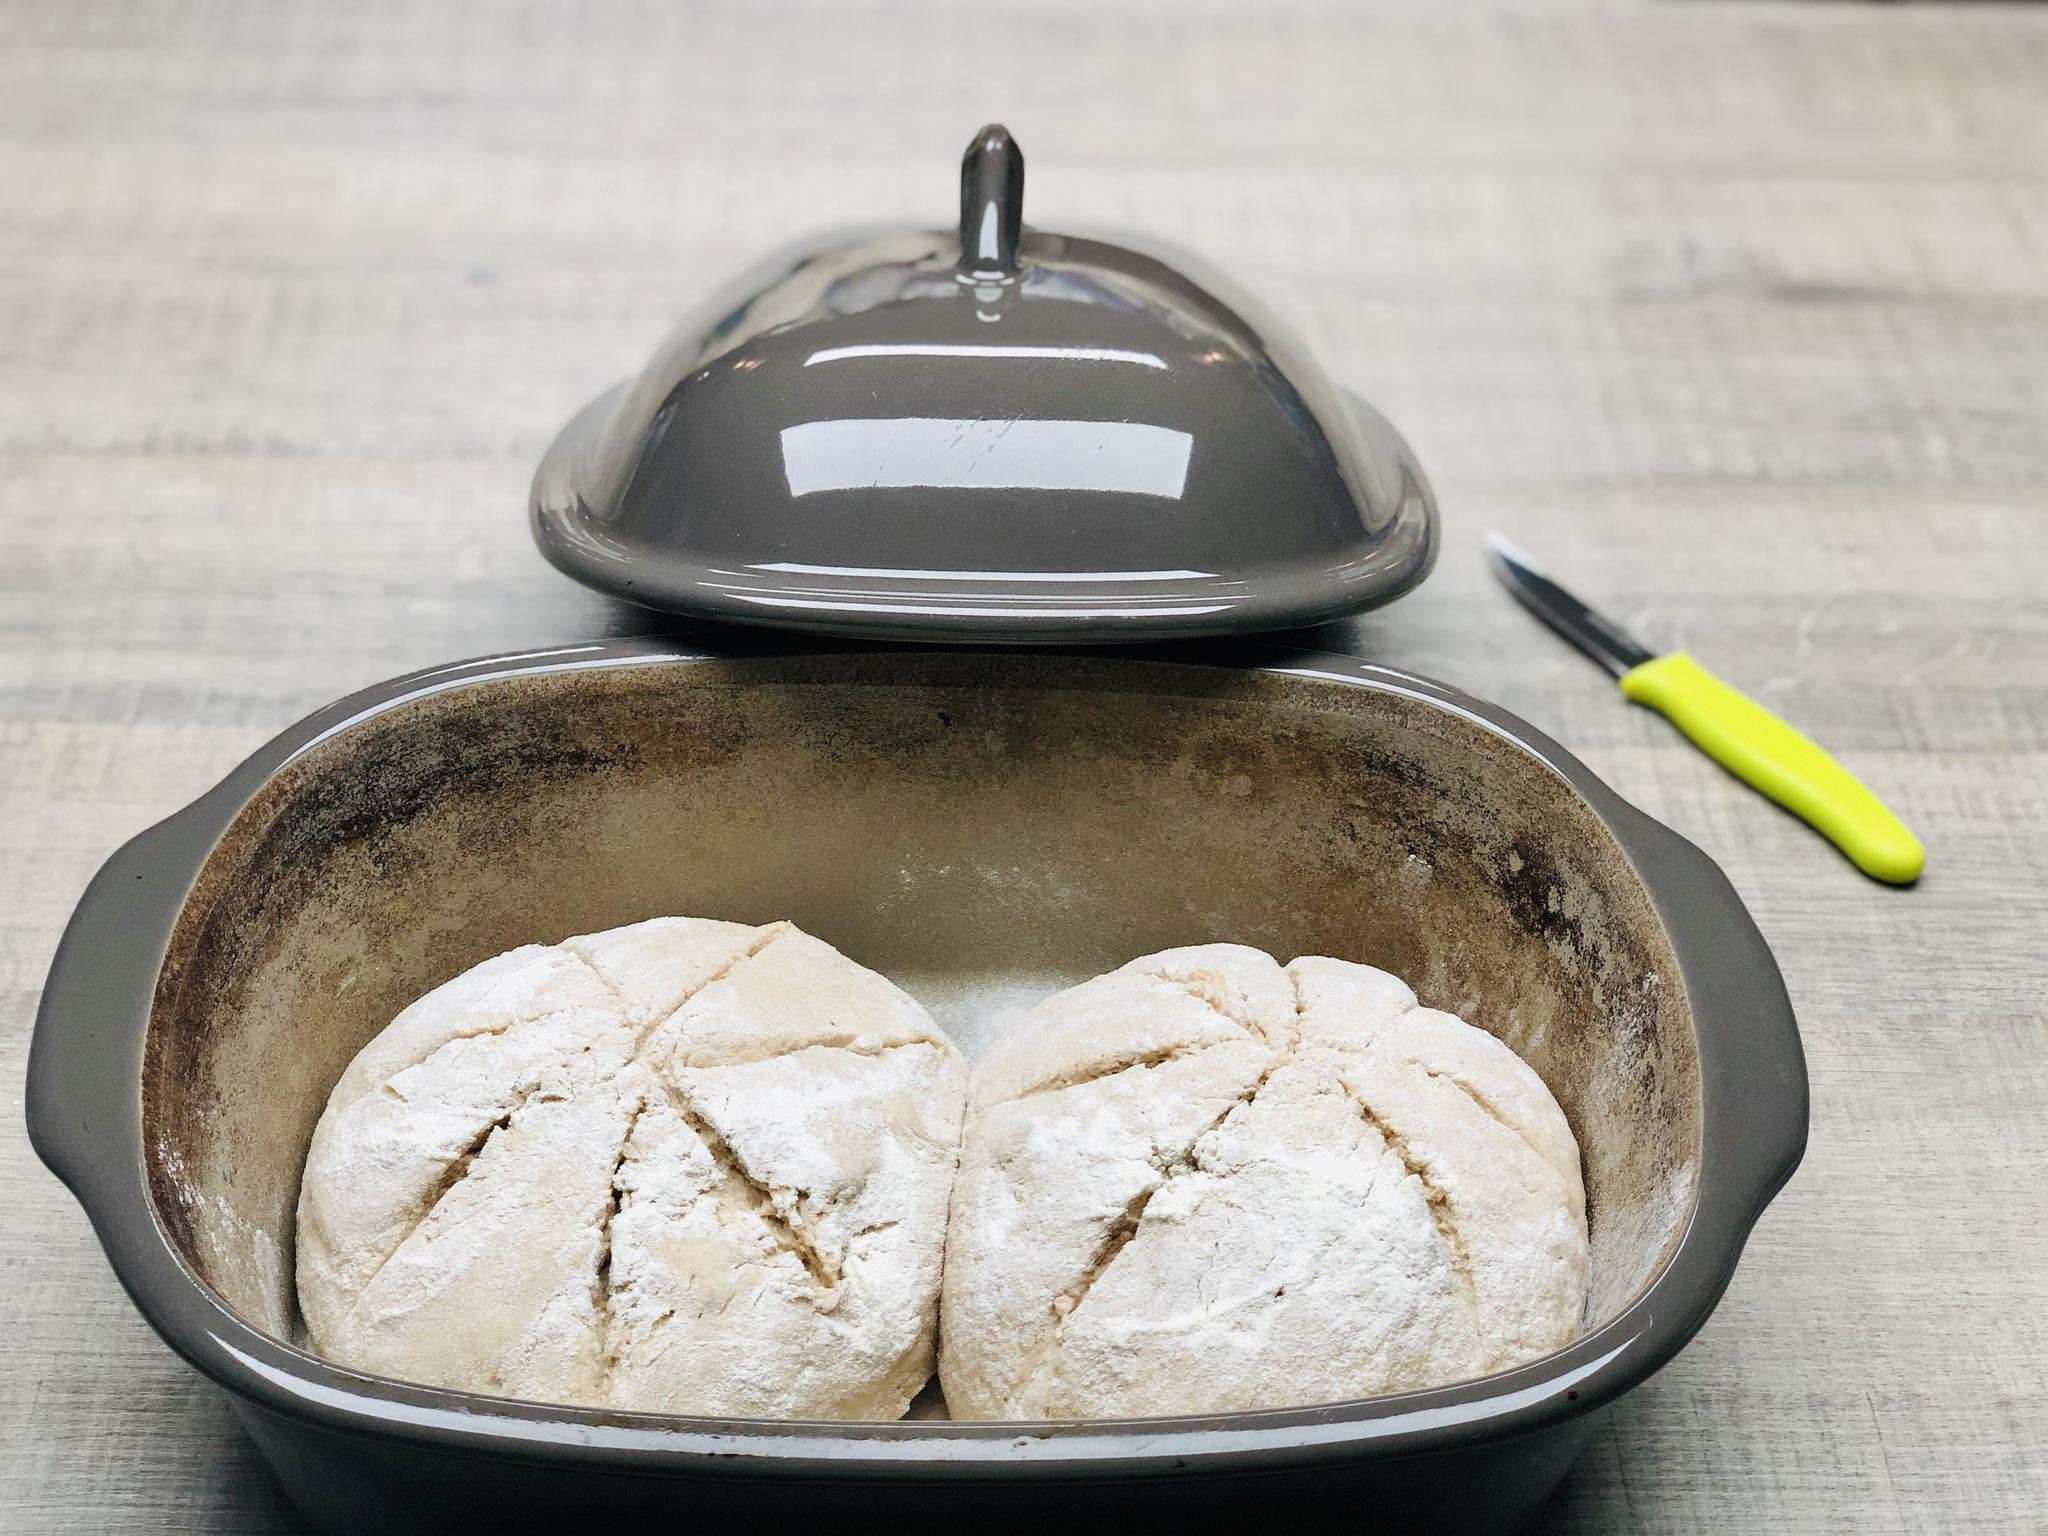 Hier siehst du wie ich das Zwillingsbrot in den Ofenmeister lege und wie ich den Brotlaib einschneide....